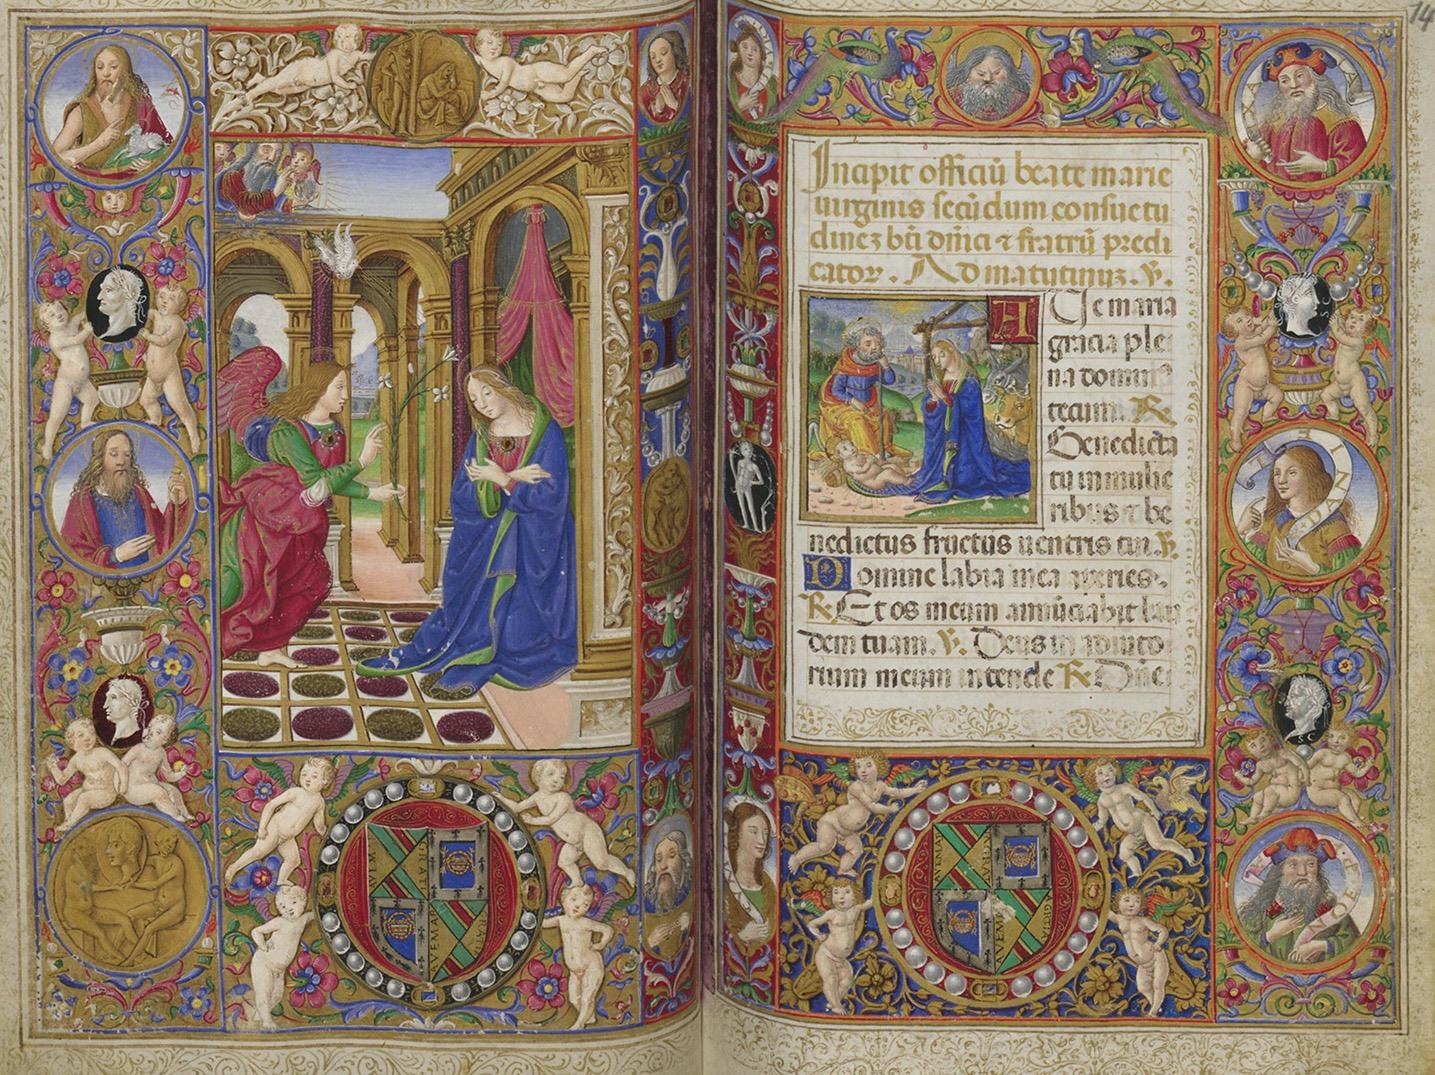 Молитвенник, Флоренция, начало XVI в. (из собрания Австрийской национальной библиотеки)